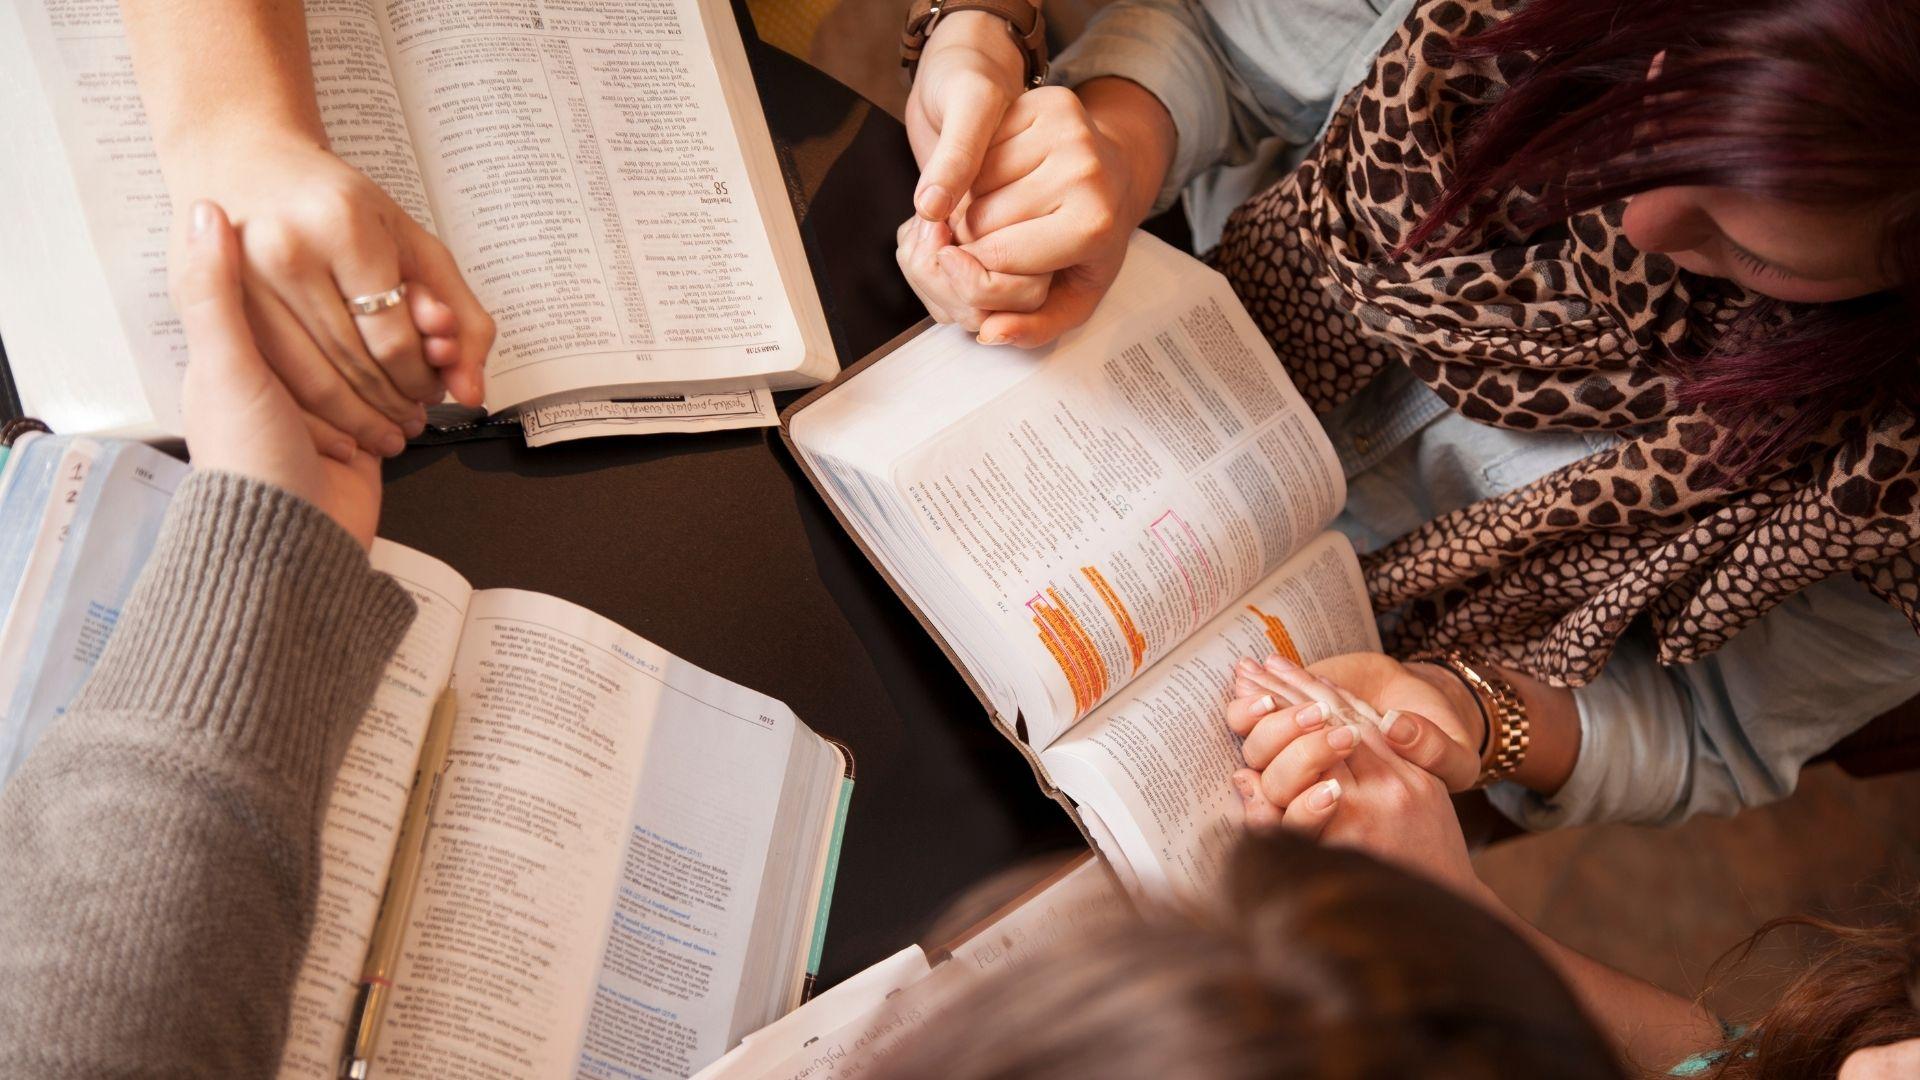 Estudo revela que milhões de americanos voltaram a ler a Bíblia durante a pandemia